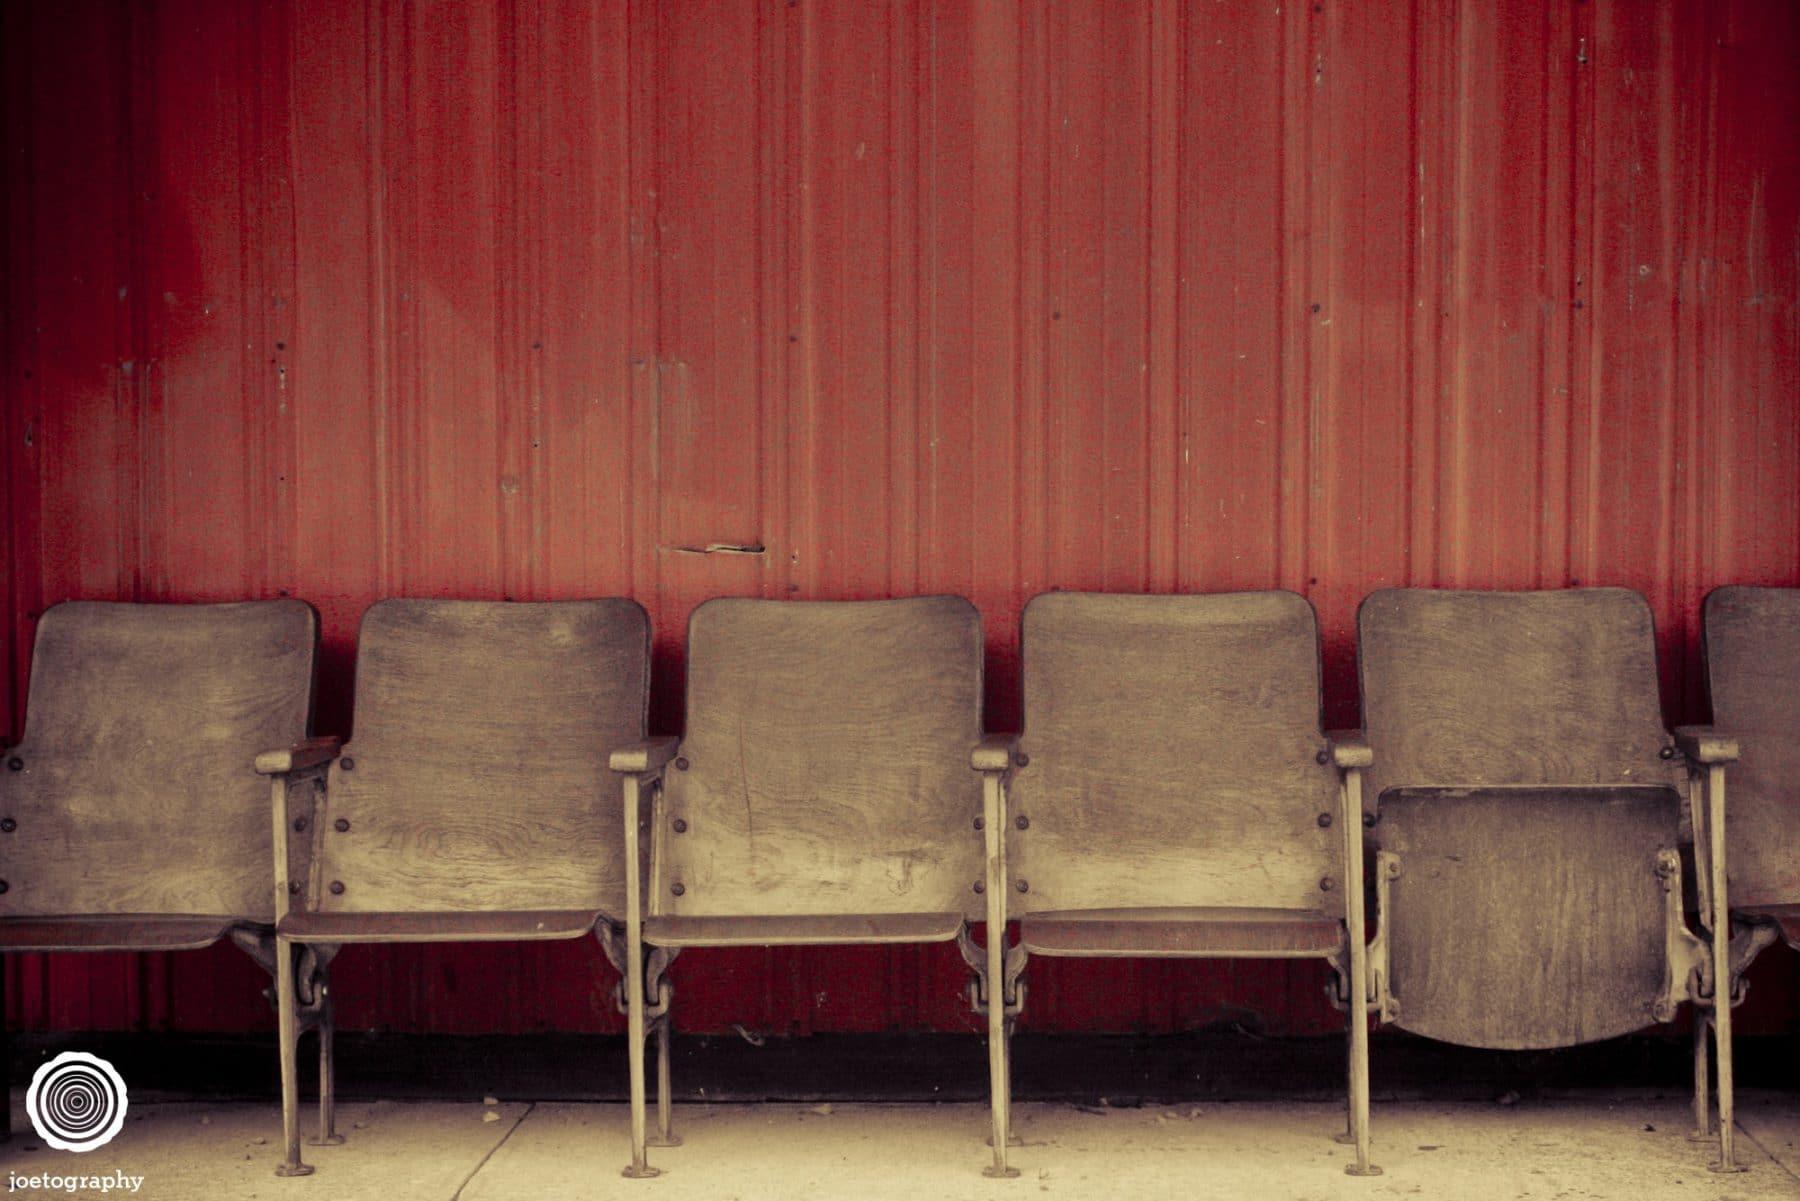 Abandoned-Photography-Indiana-2